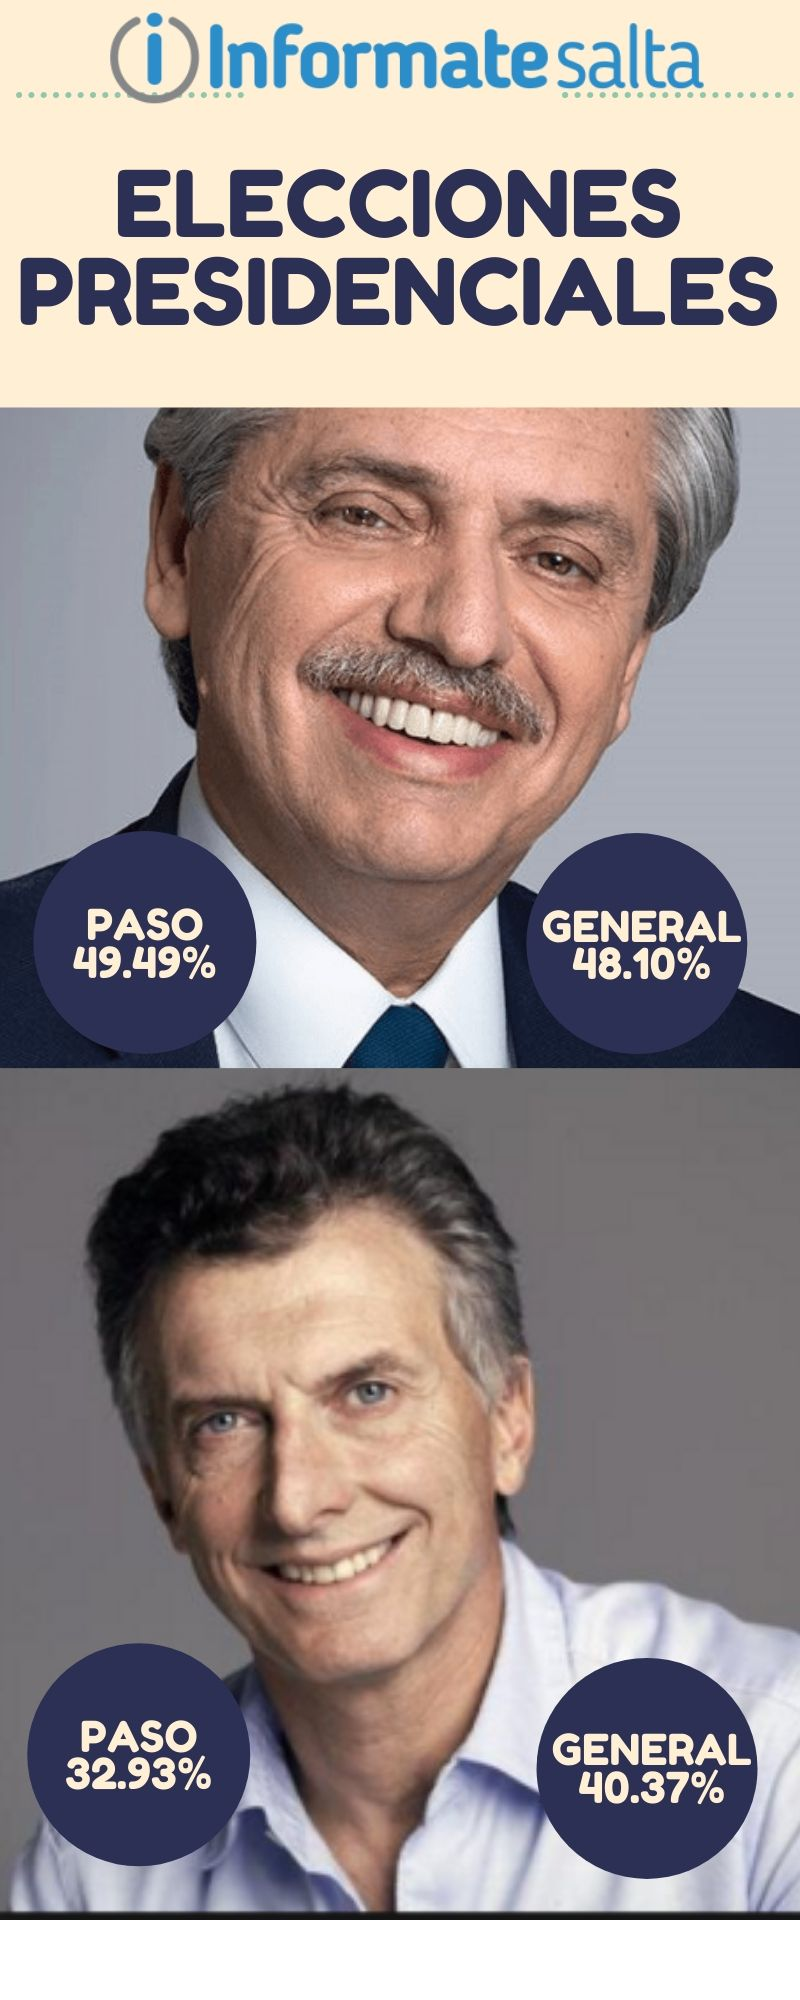 Elecciones presidenciales